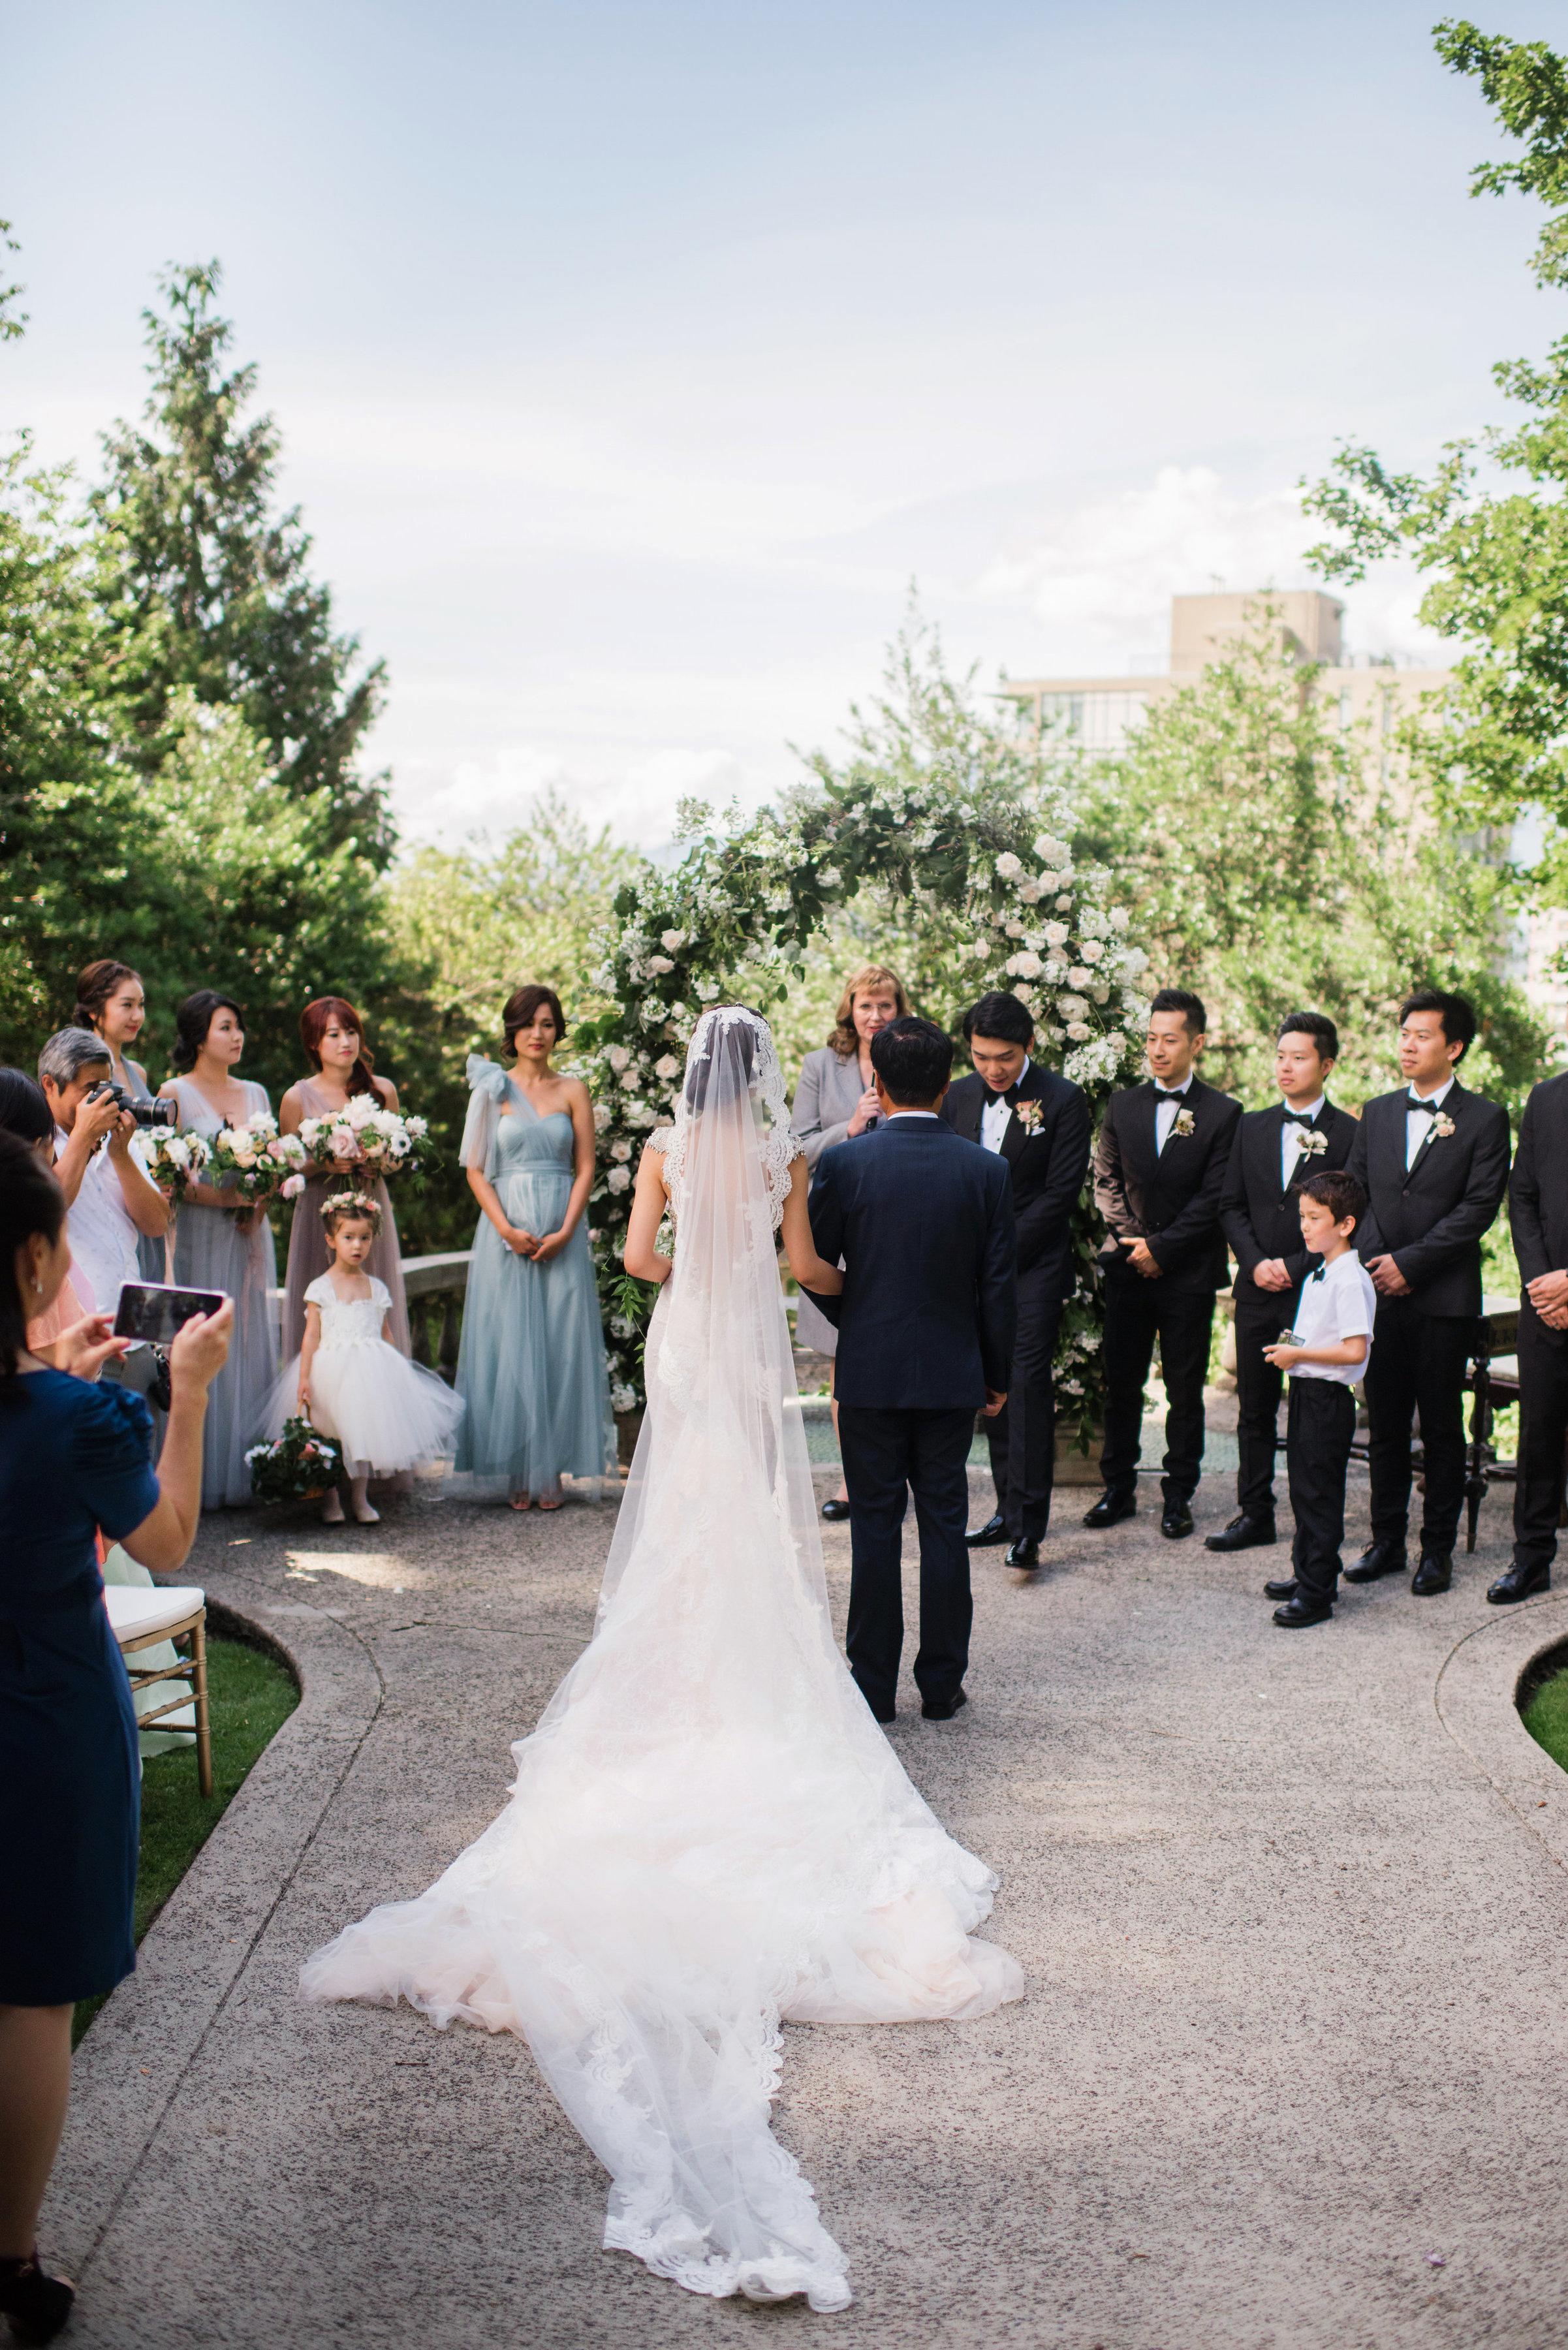 gloria zee wedding ceremony couple at alter